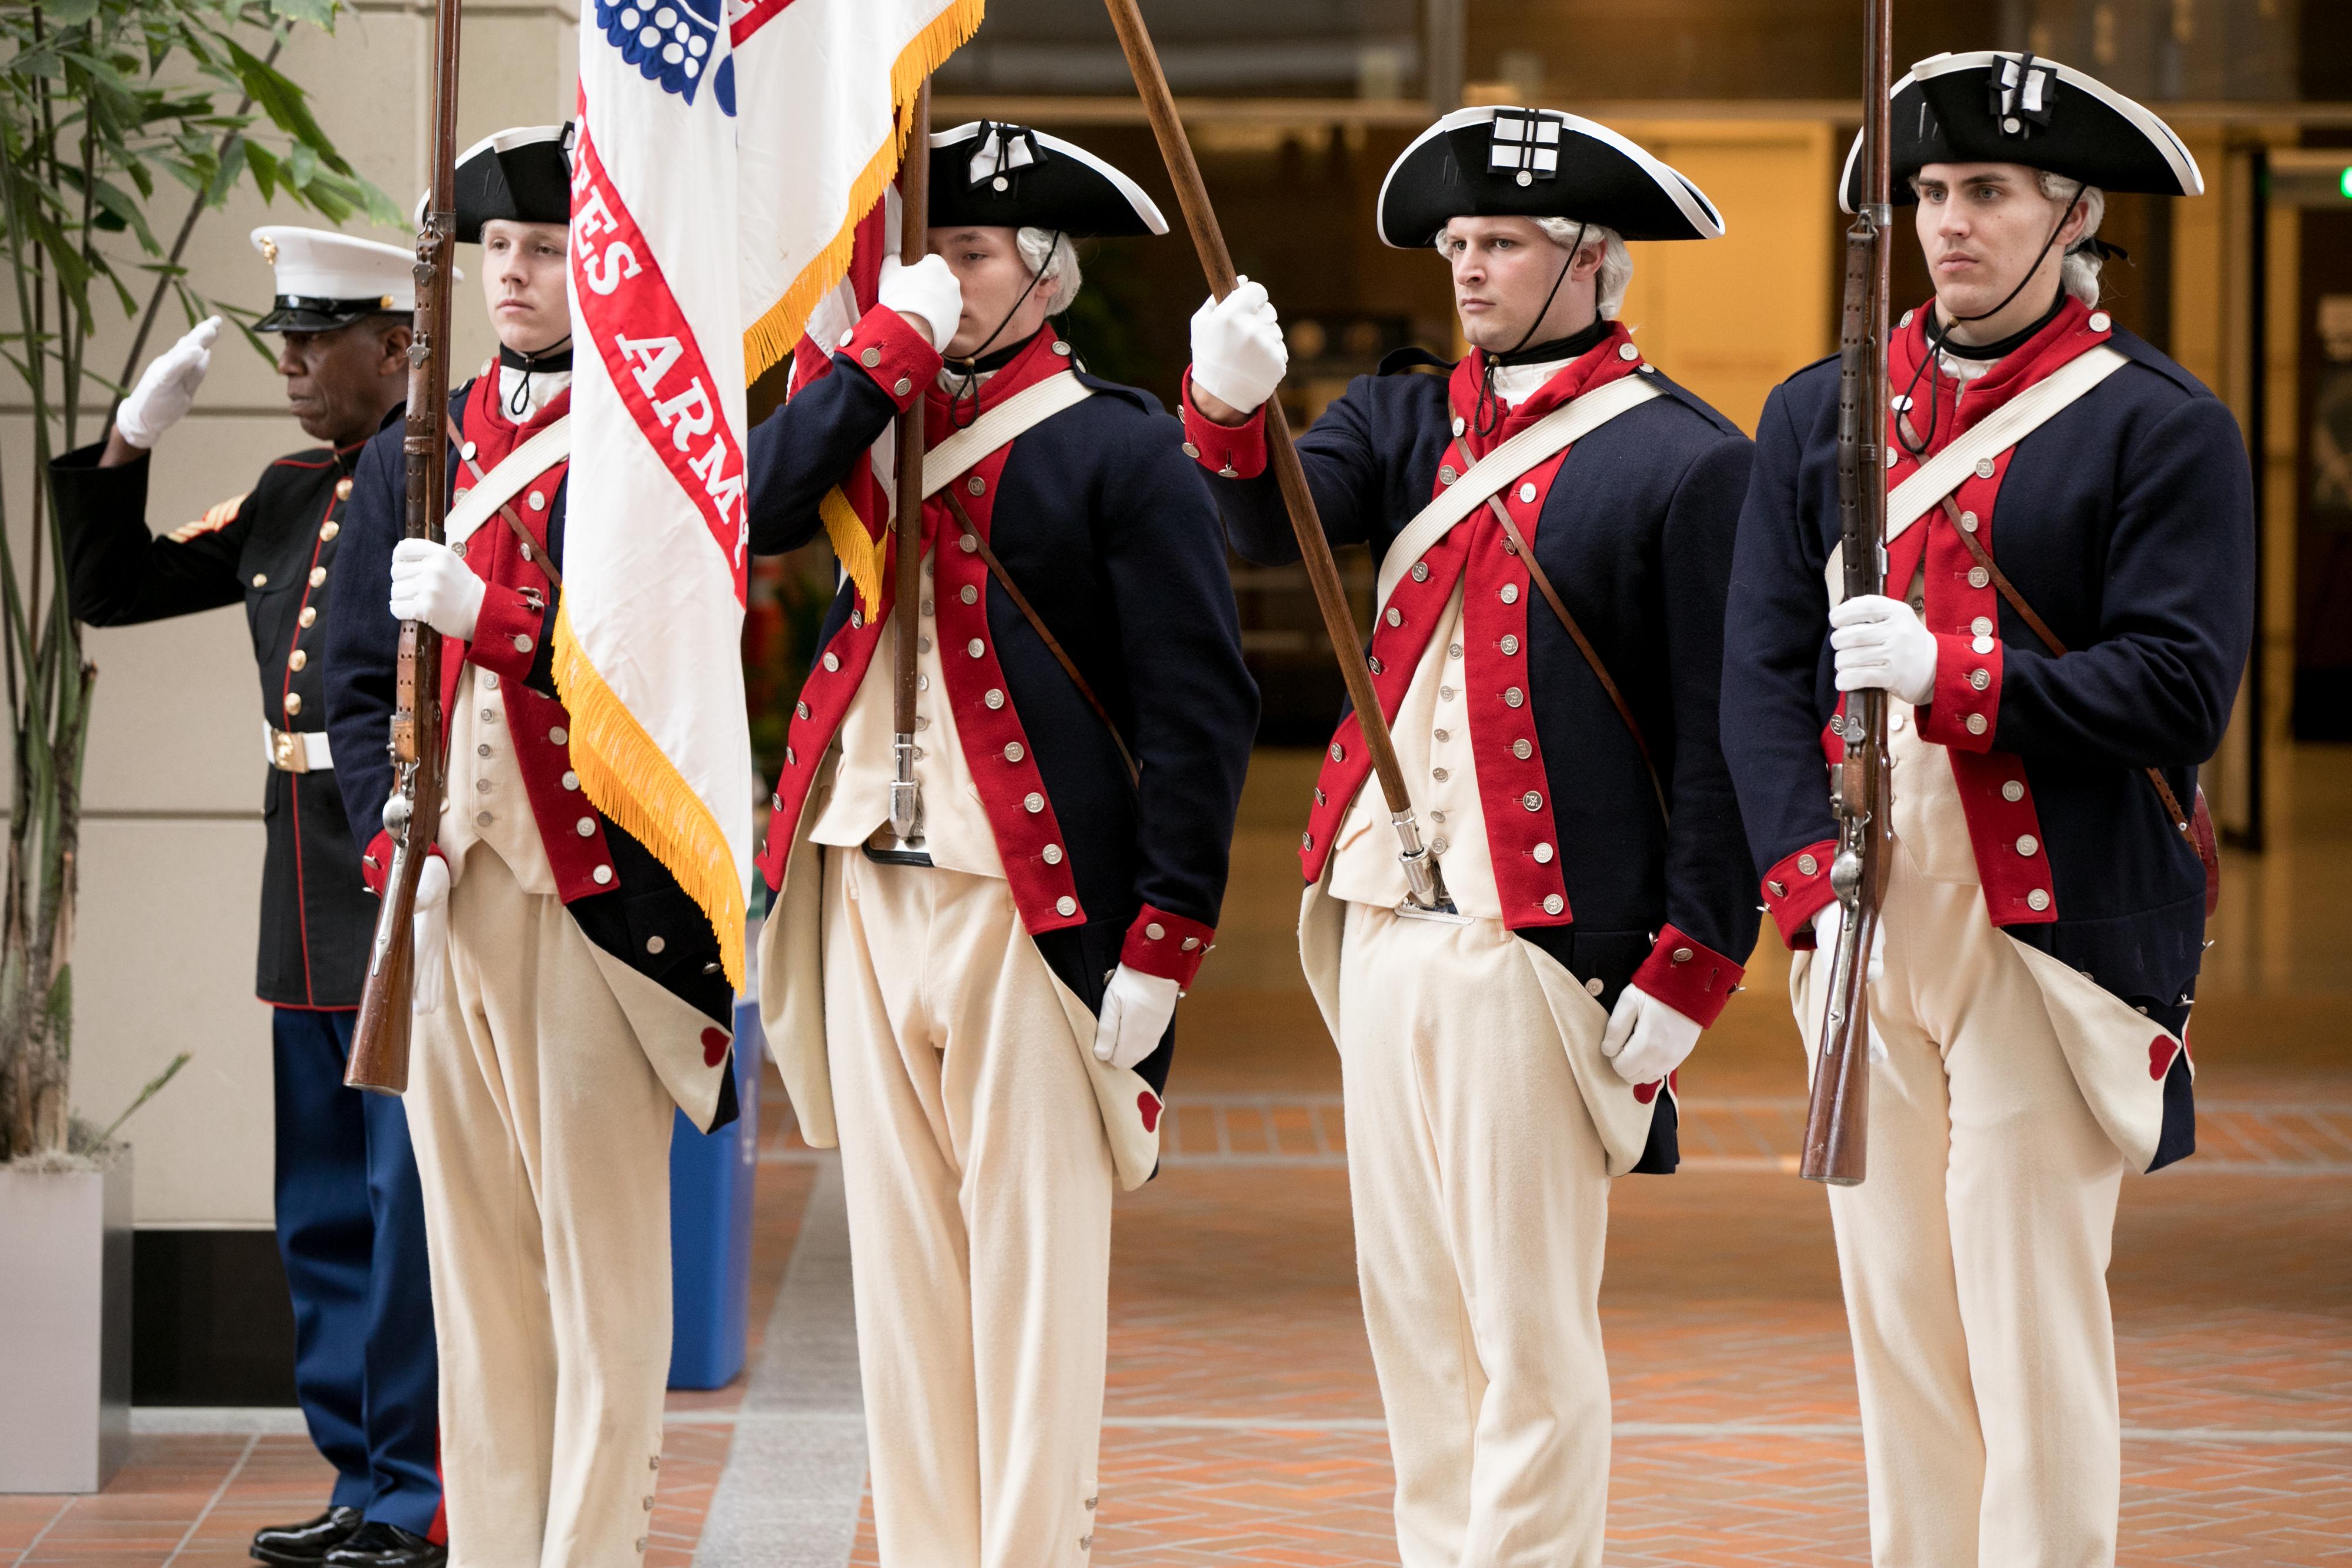 USPTO Military Association (UMA) Holds Annual Memorial Day Tribute